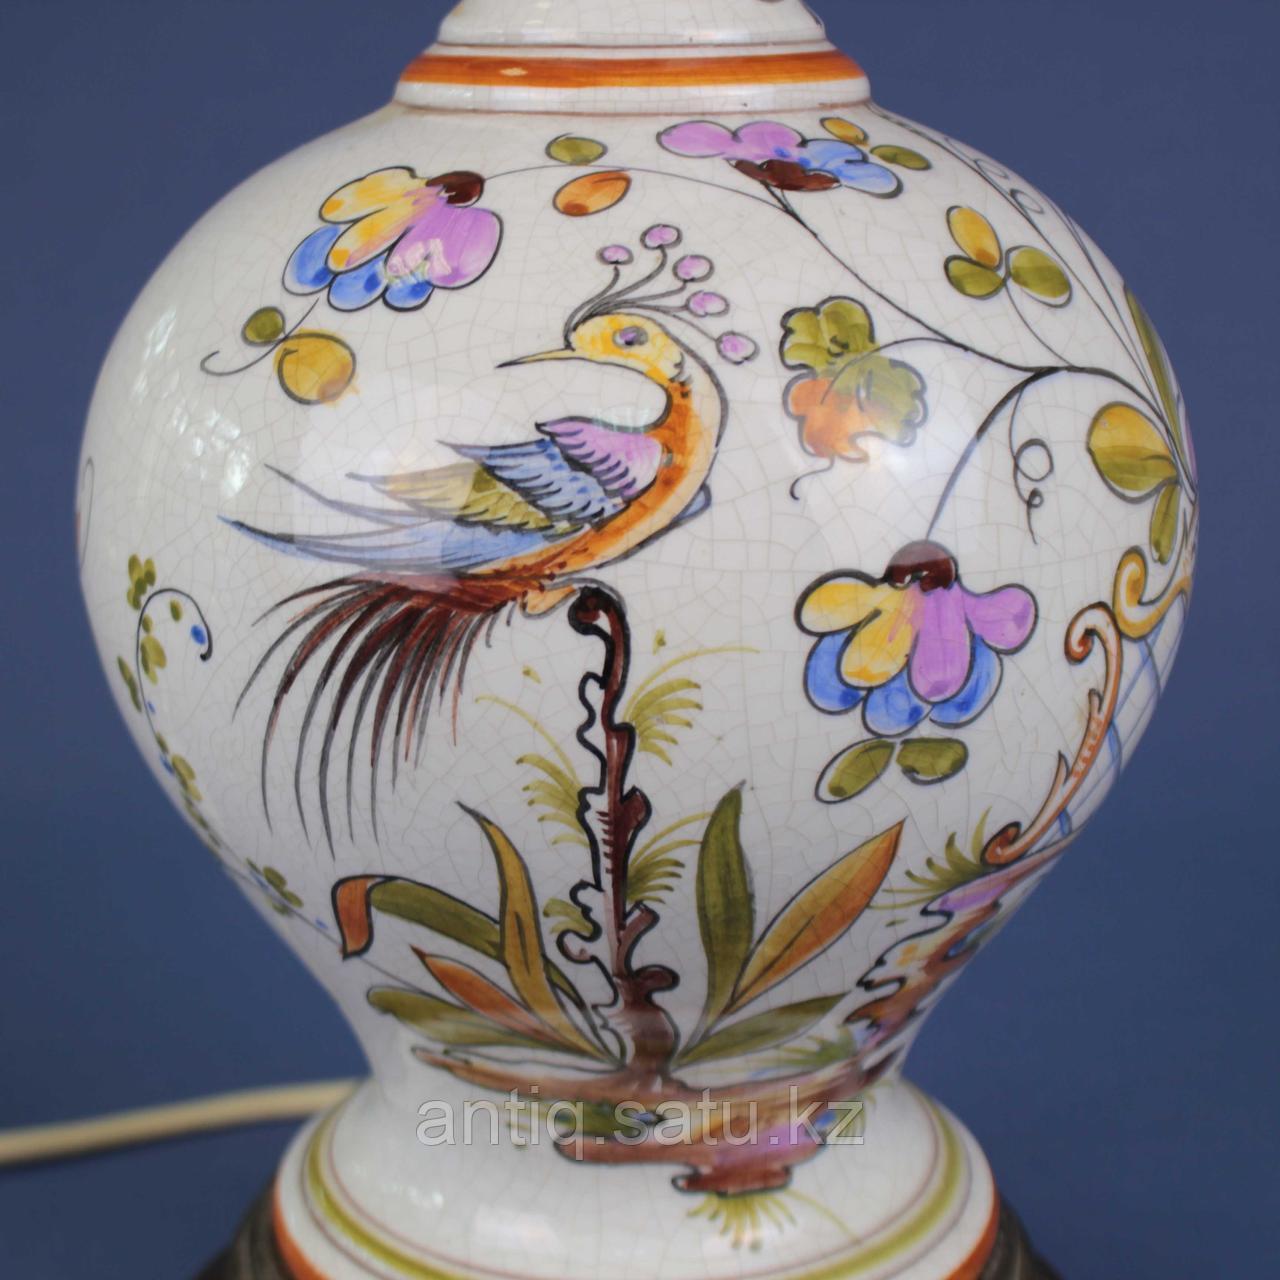 Лампа из итальянской мойолики. - фото 3